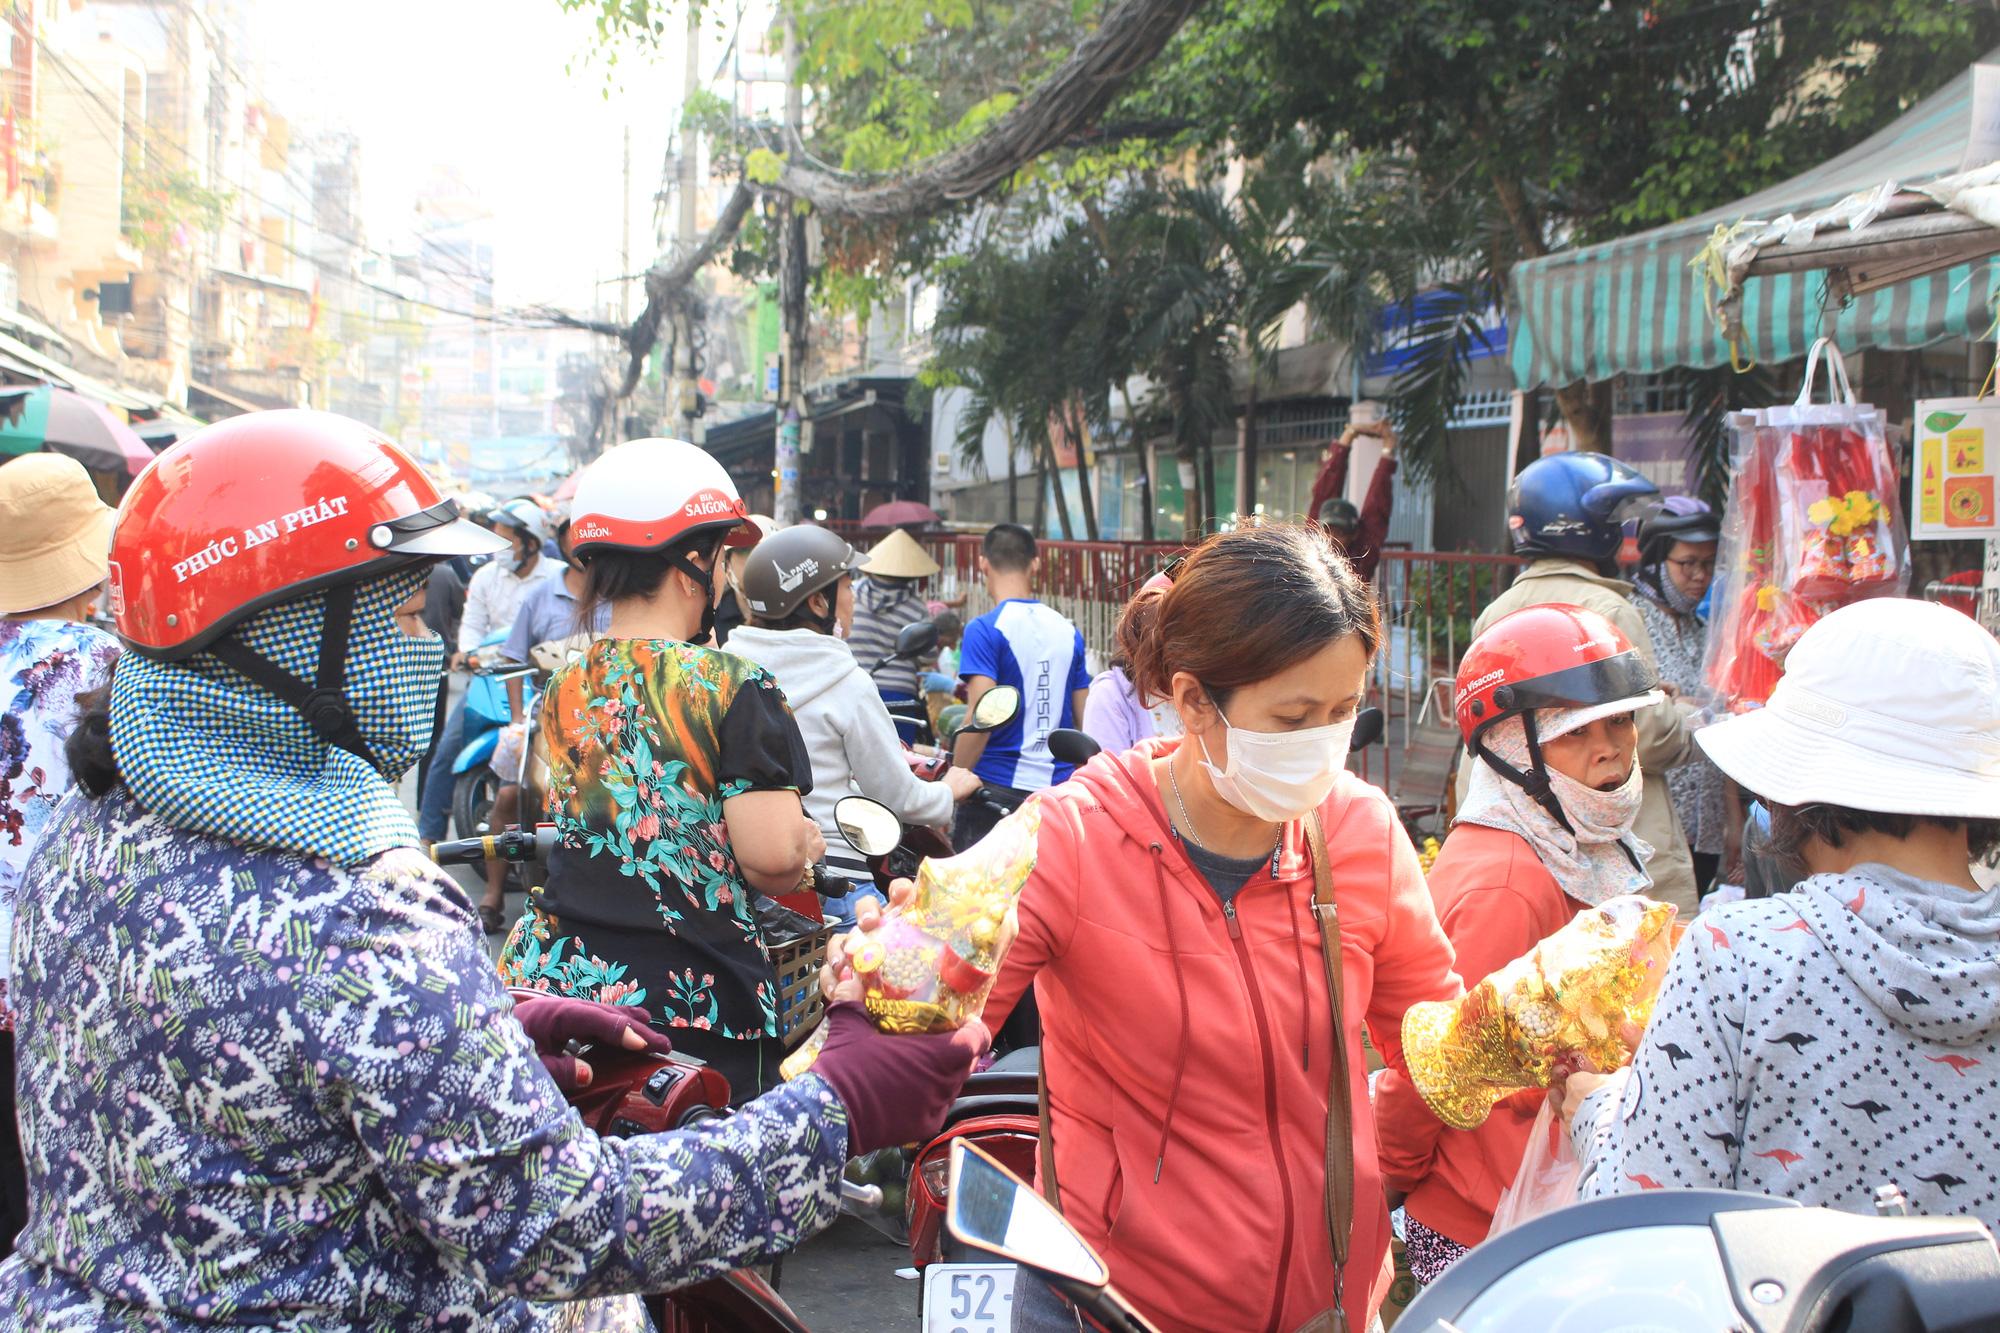 Người Sài Gòn tranh thủ sắm đồ cúng ông Công, ông Táo: Vàng mã hốt bạc, cá chép đìu hiu - Ảnh 10.